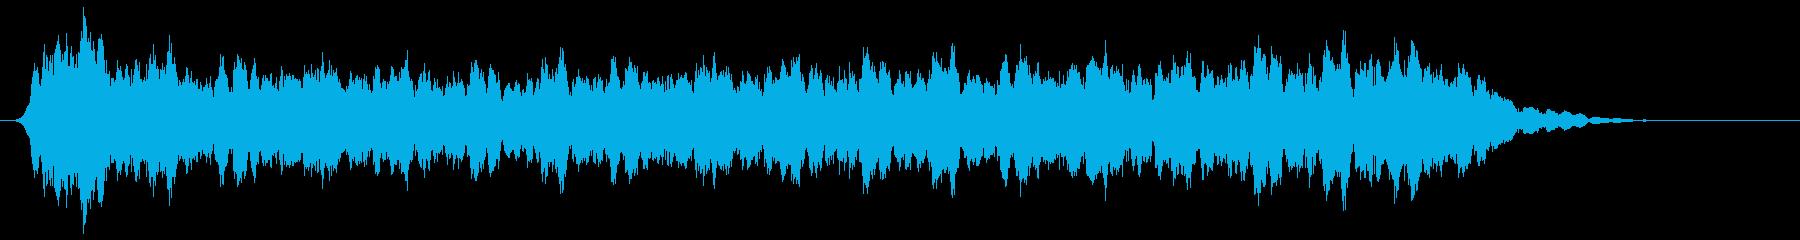 アコーディオン 不協和音(低)の再生済みの波形